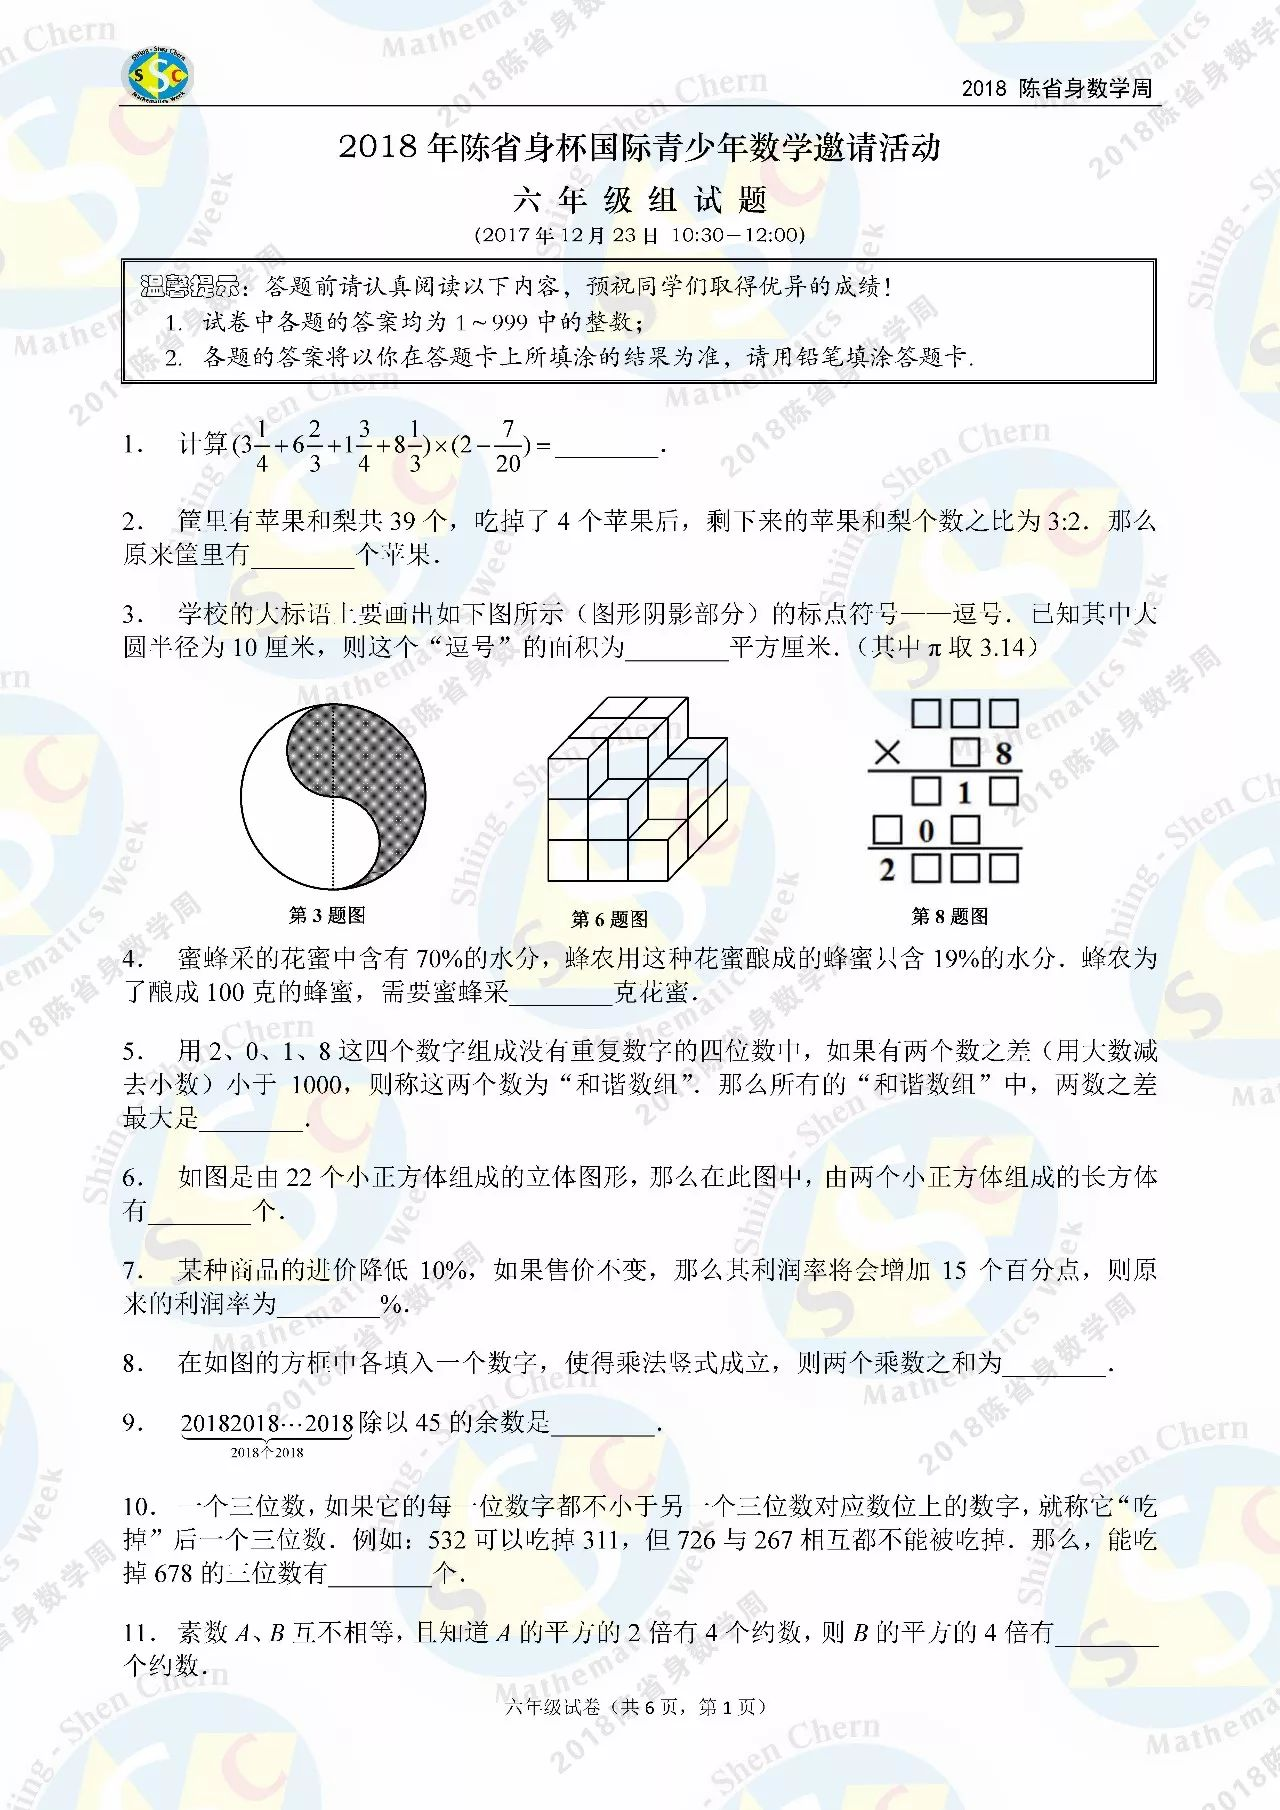 2018年陈省身杯国际青少年数学邀请赛六年级试题1